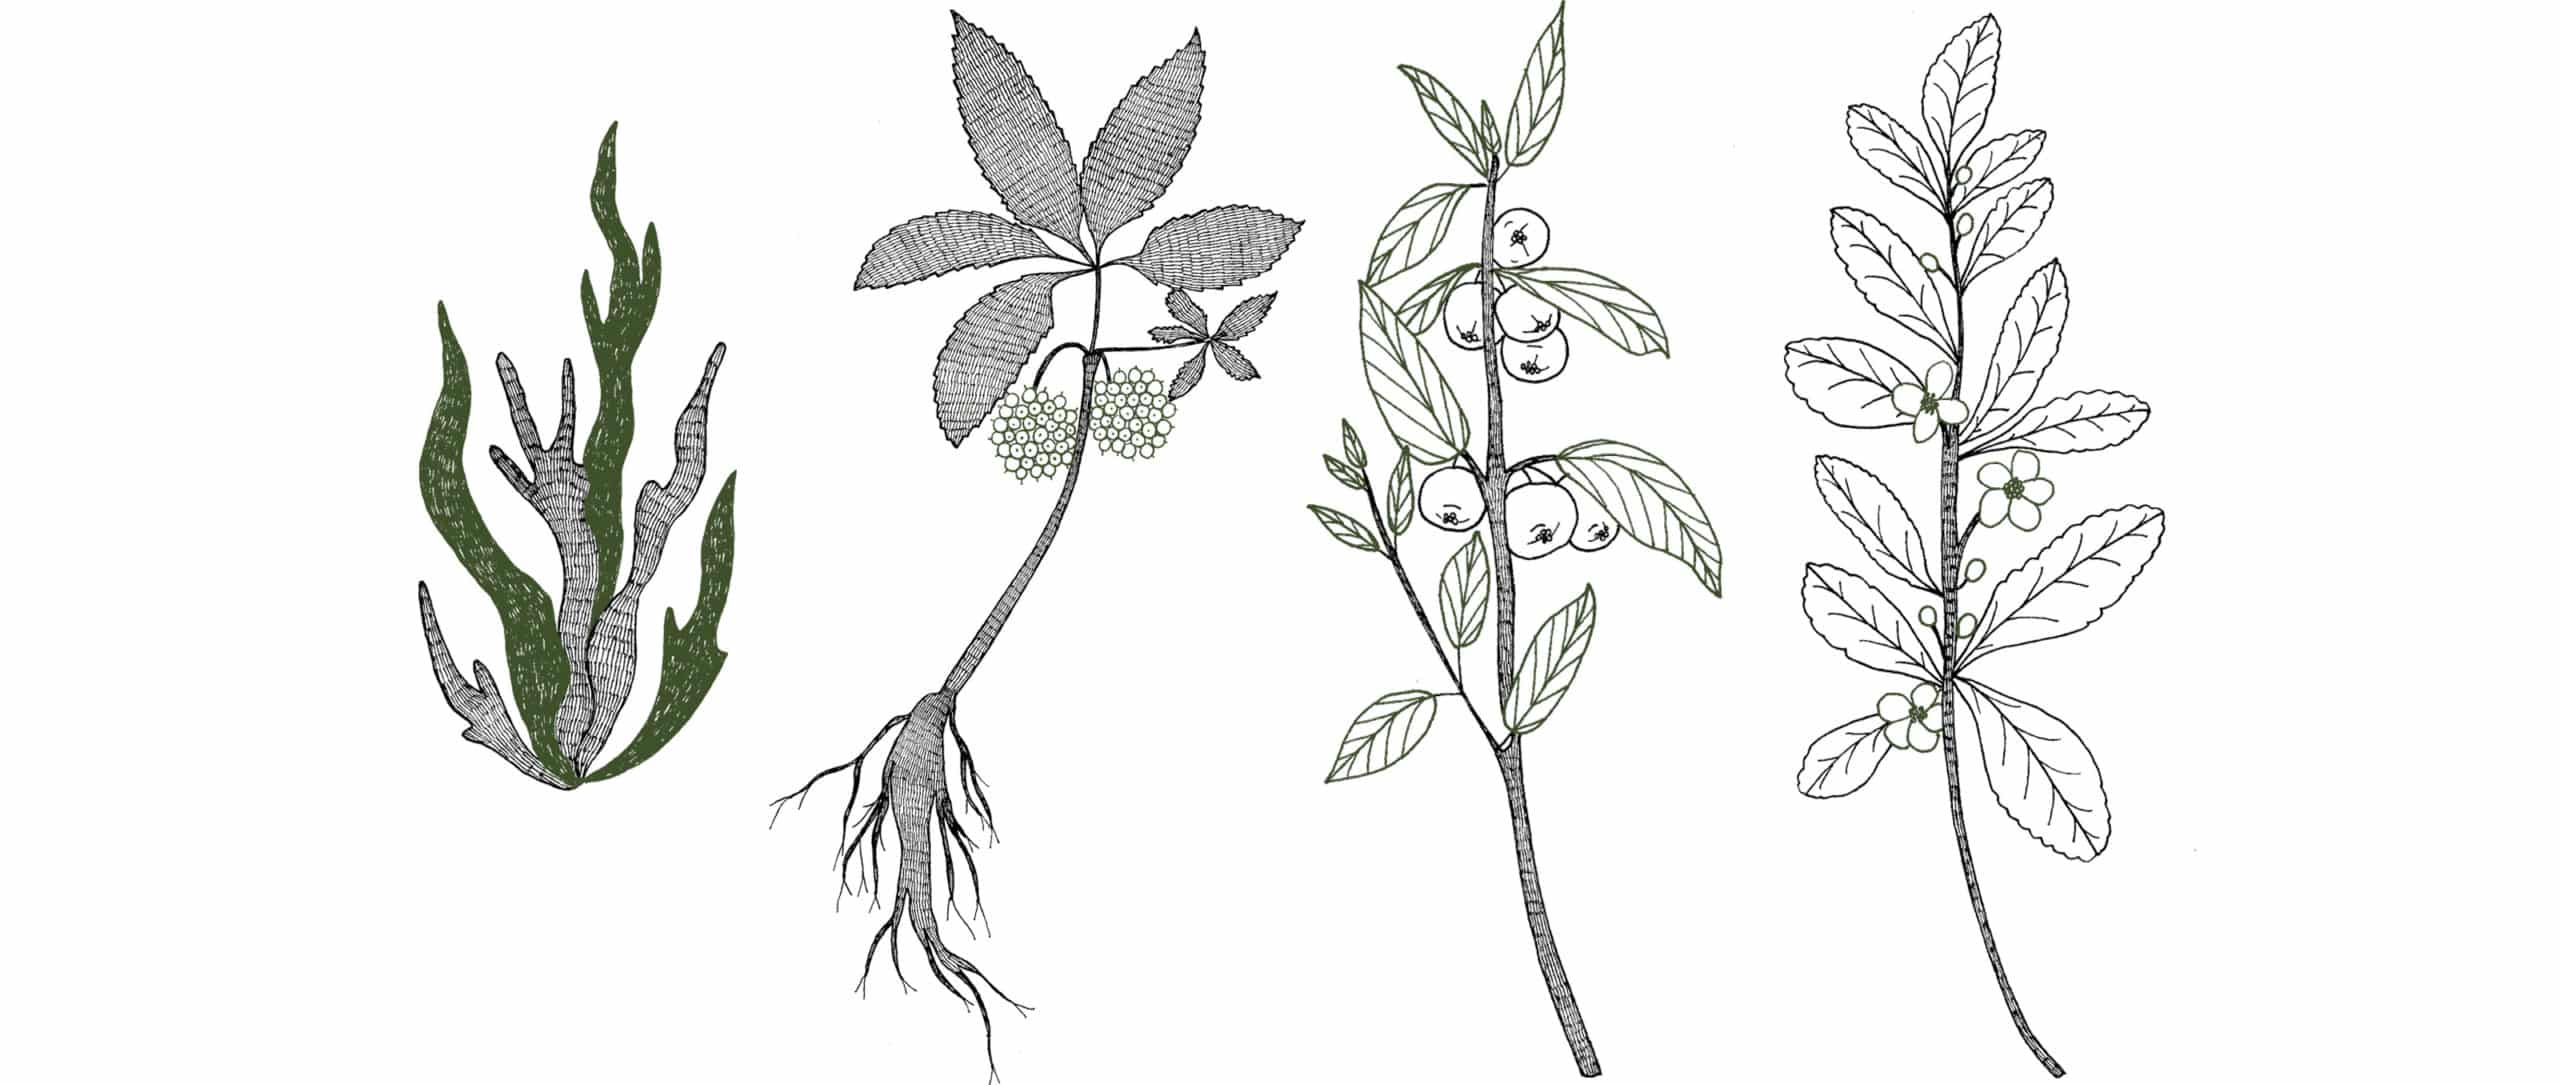 Illustrations des plantes (Thé Vert, Acérola, Eleuthérocoque et Spiruline) contenues dans le complément alimentaire vitalité.